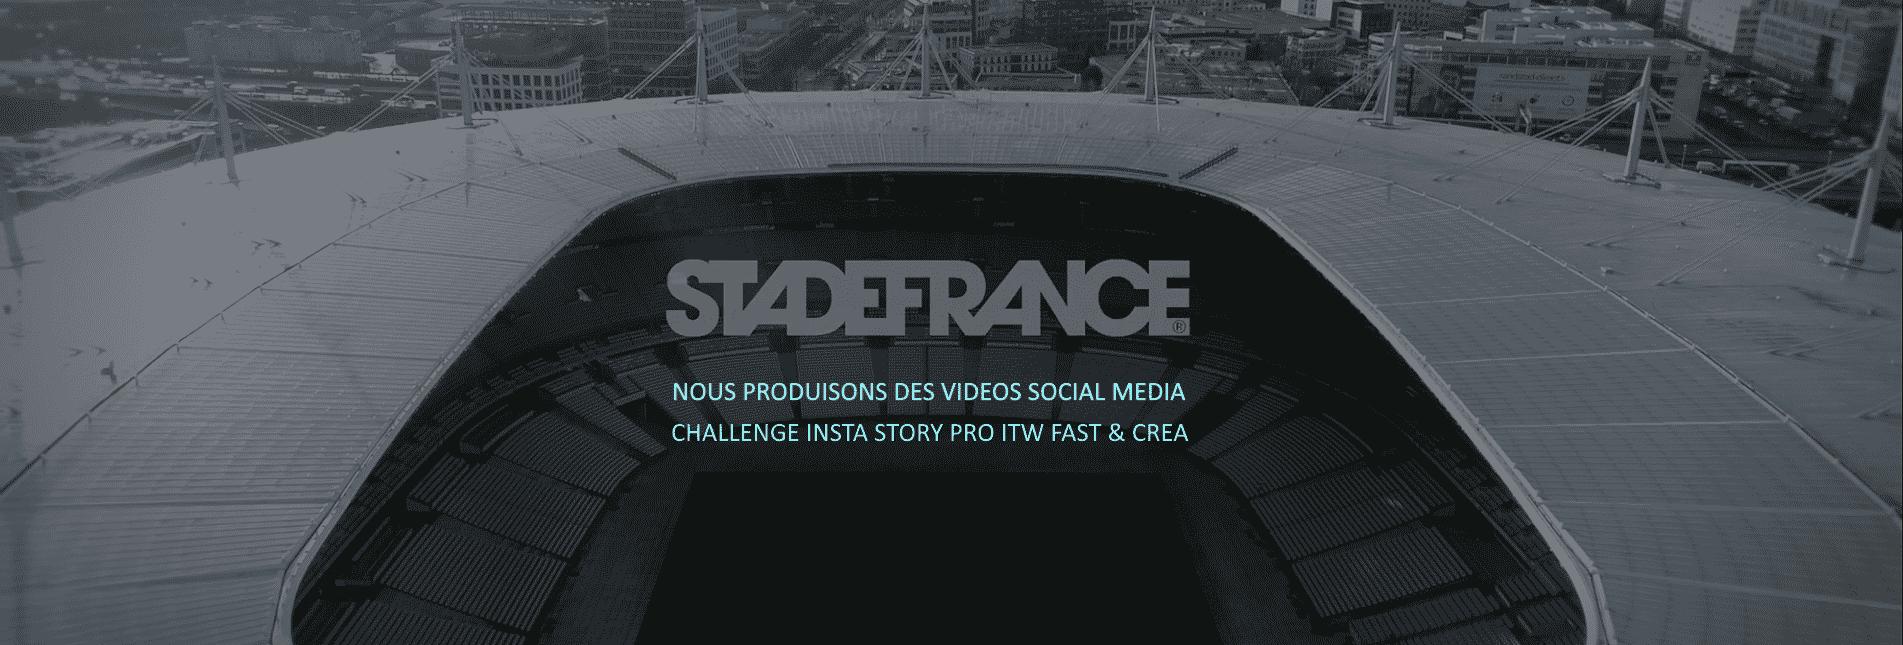 Slider_stade_de_france_txt1